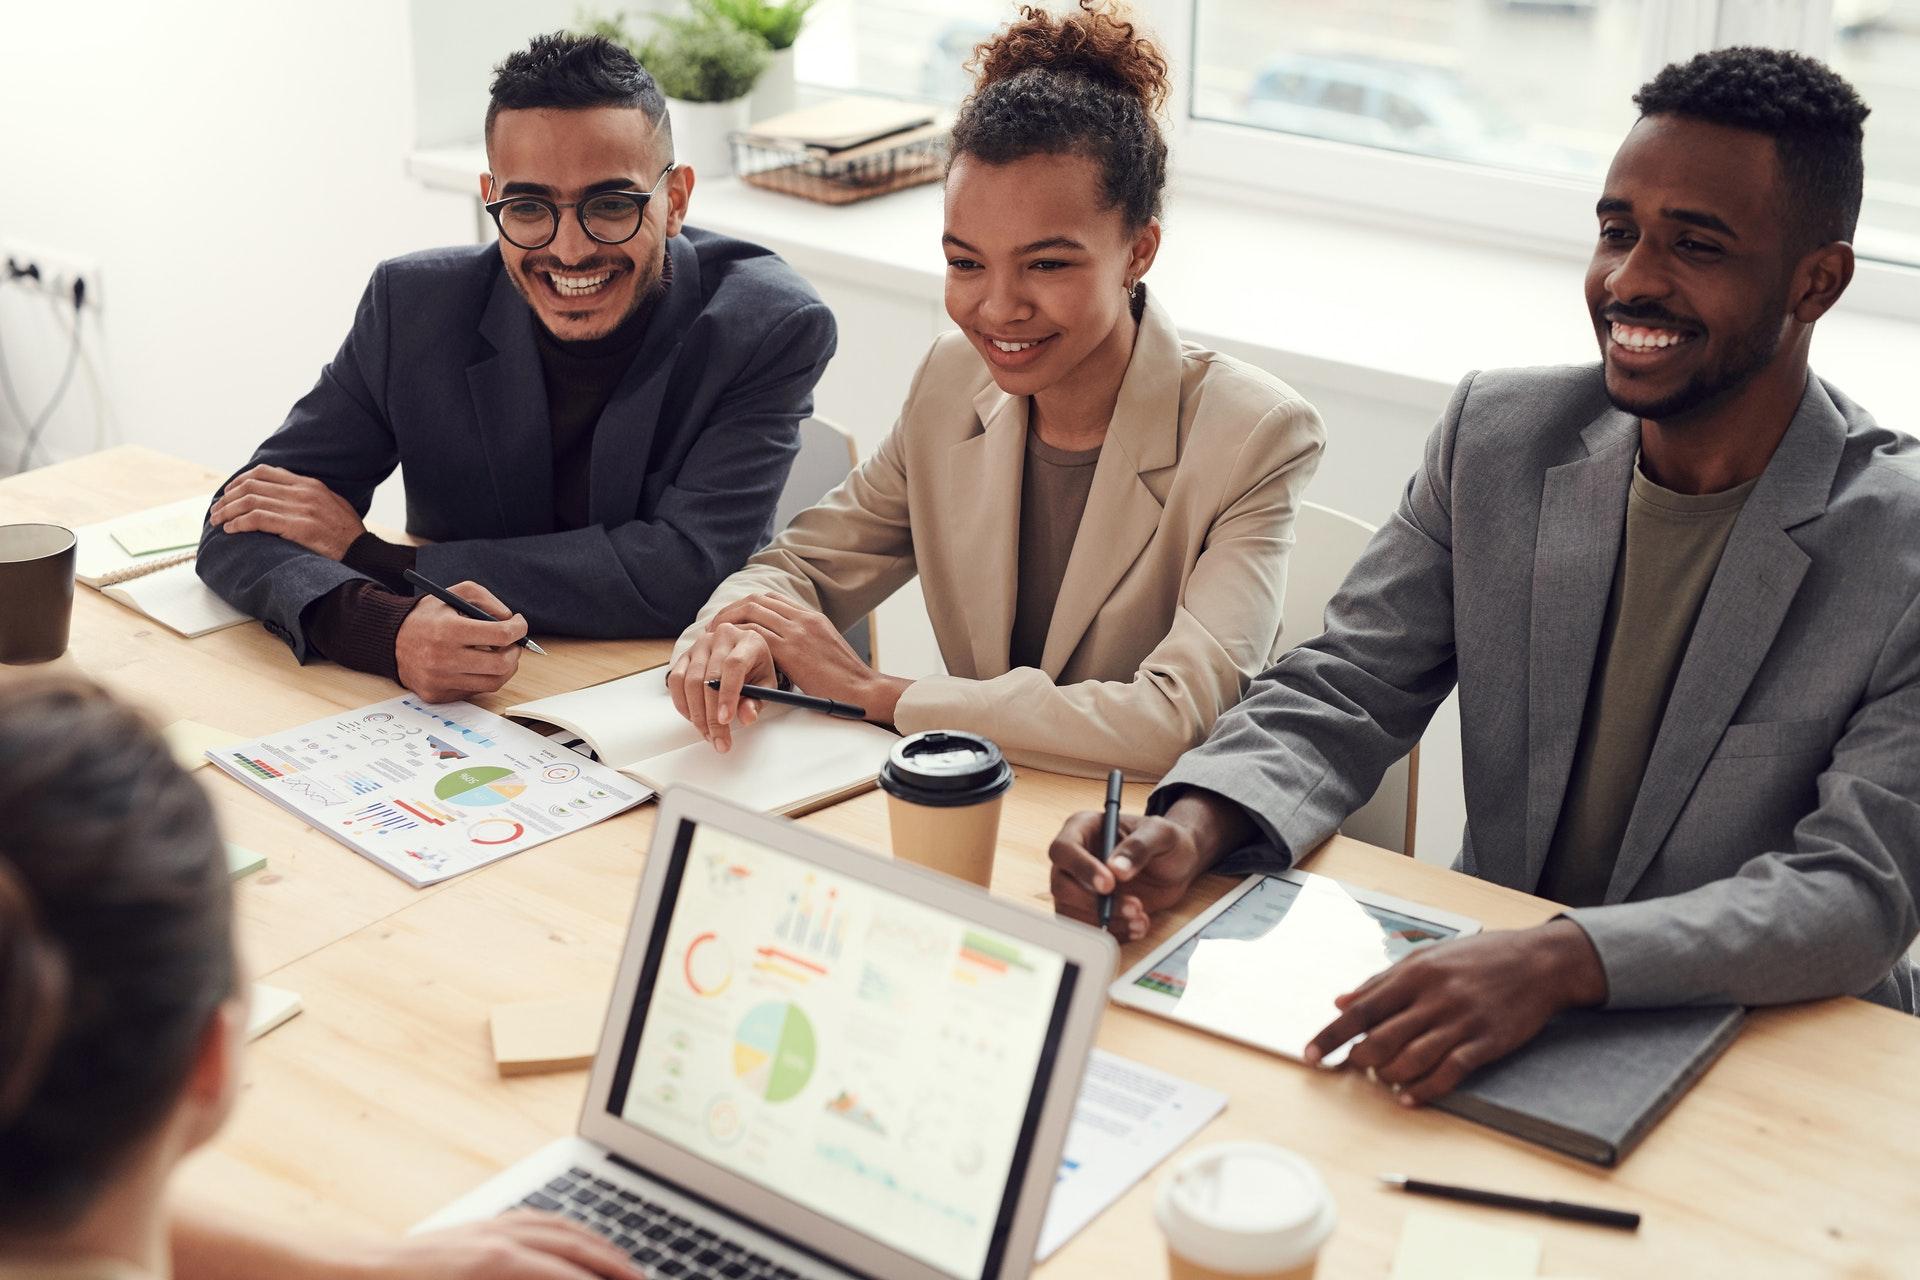 Vemos três empresários (dois homens e duas mulheres) reunidos em uma mesa de escritório para uma reunião (imagem ilustrativa). Texto: ramo para empreender.